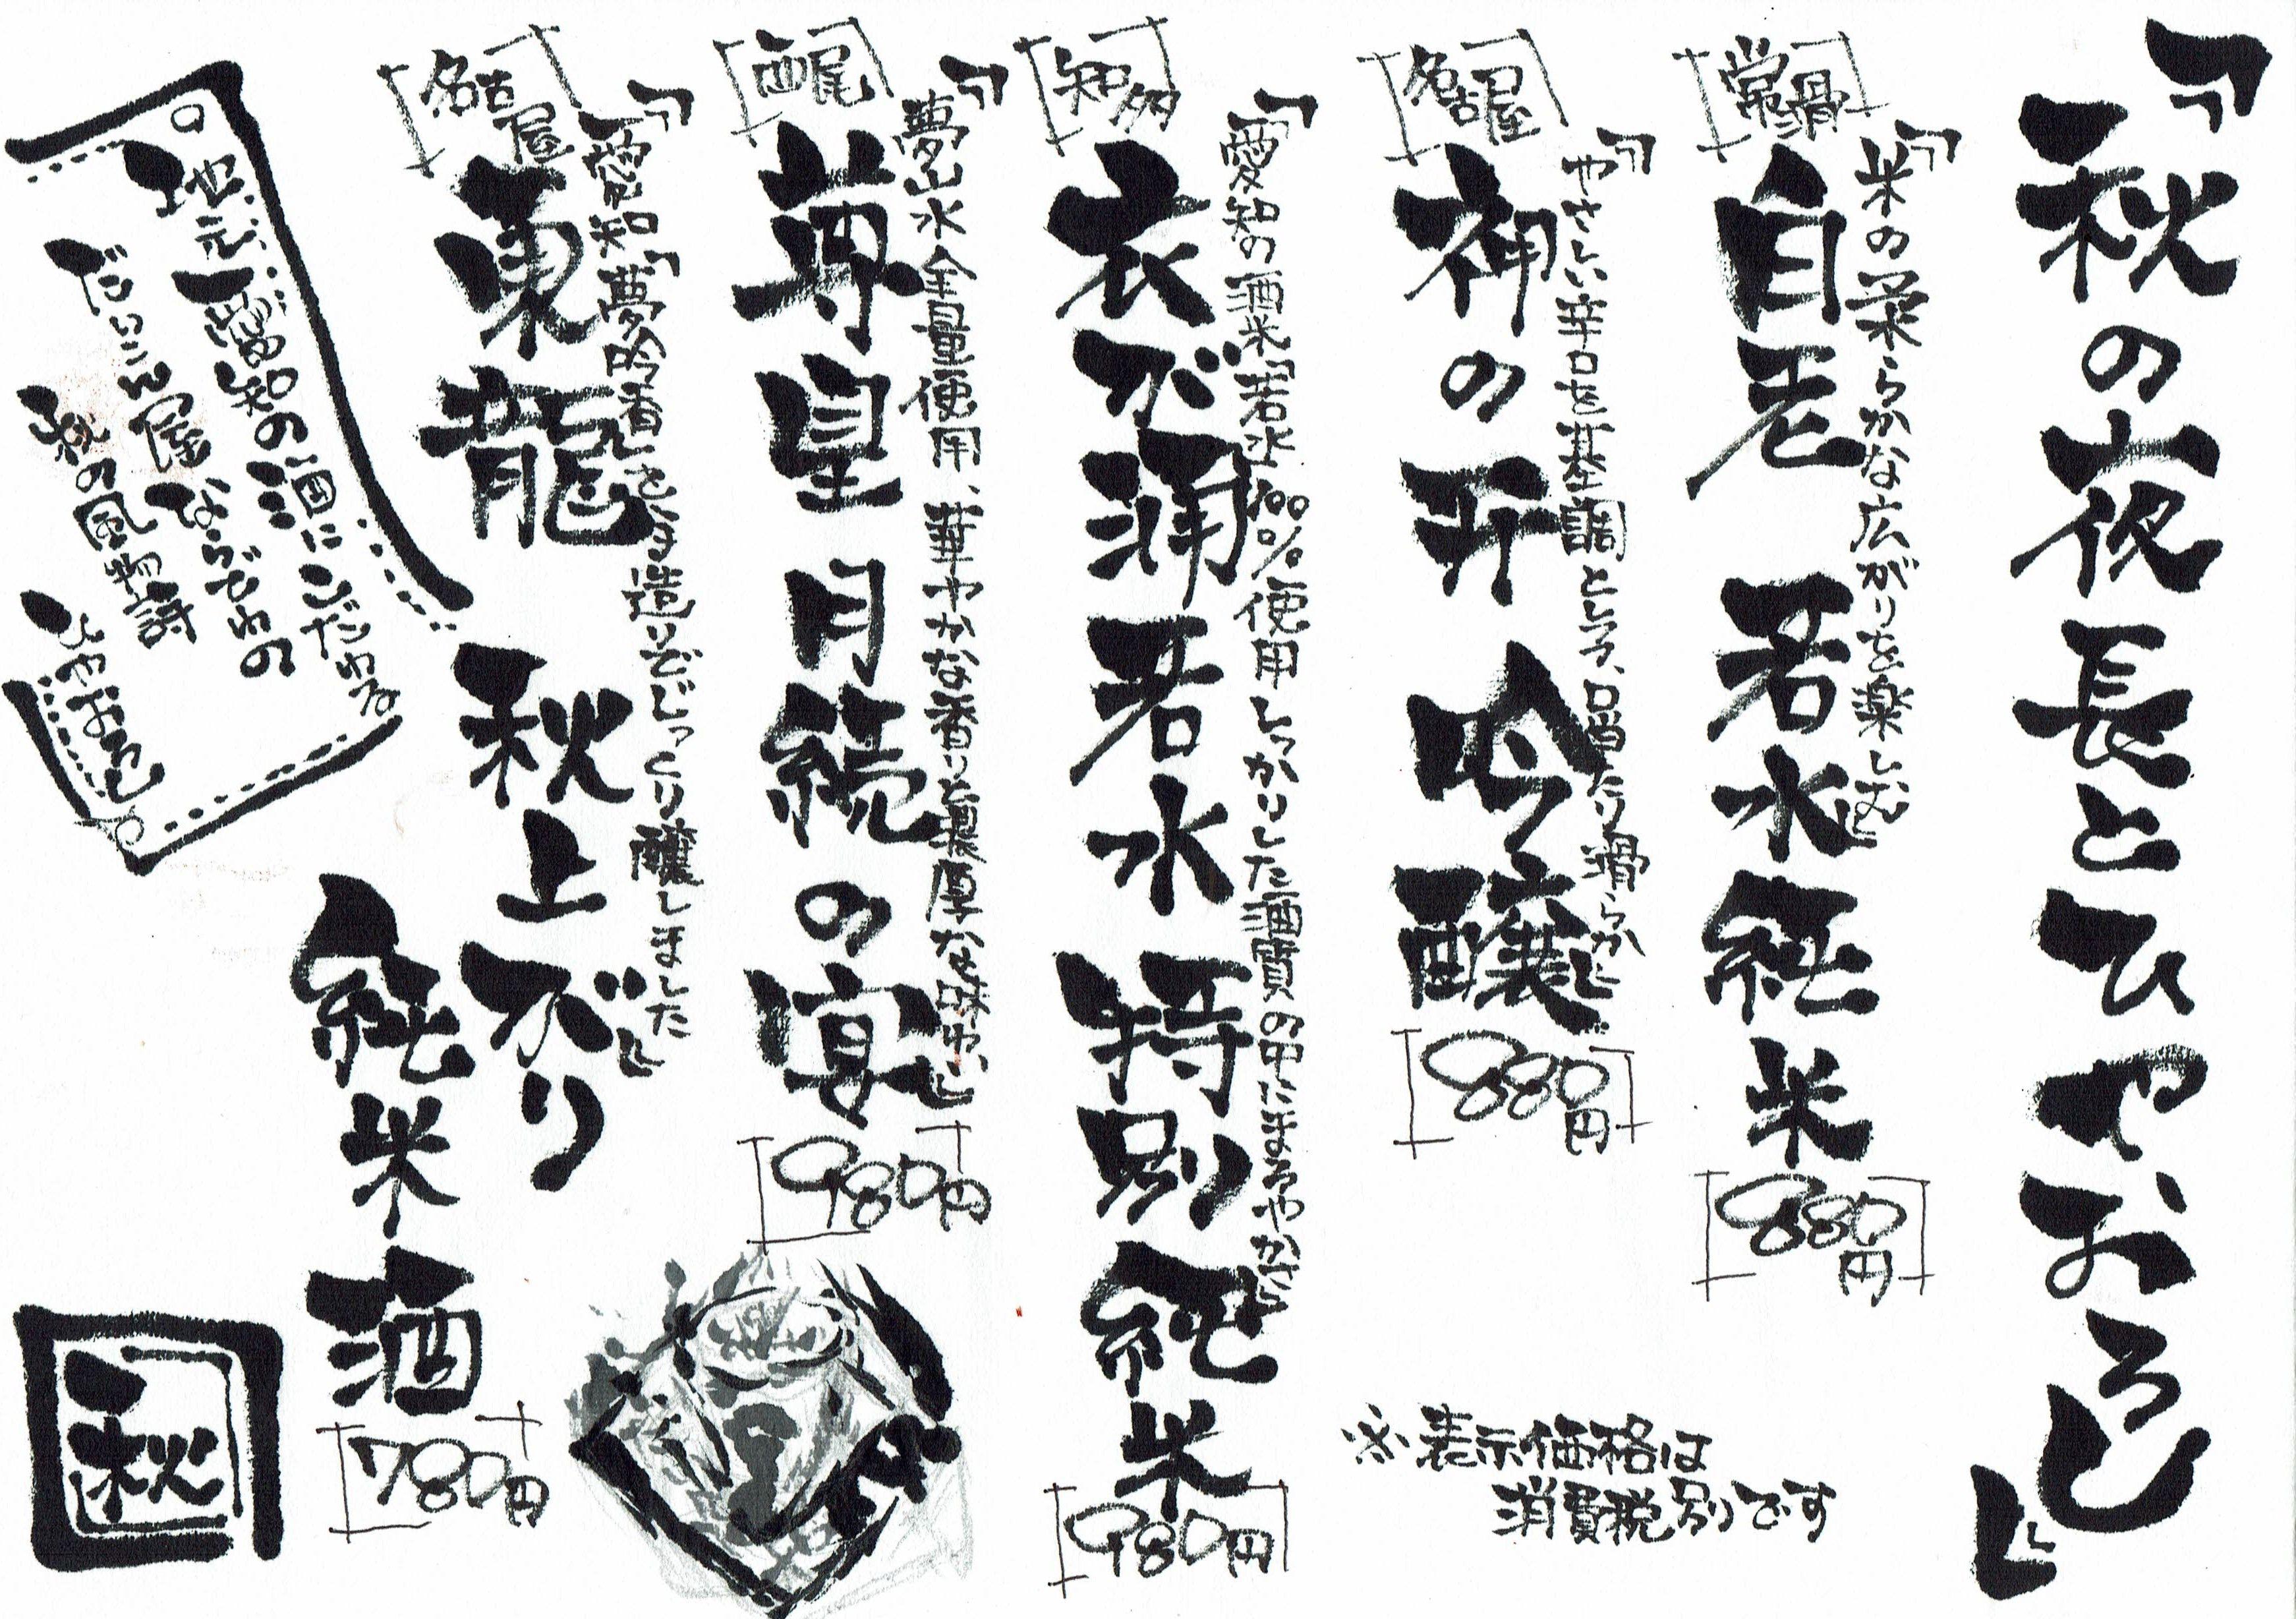 手作り感たっぷり筆文字手書きメニュー作成しますます 書き続けて10年の実務経験者におまかせ 文字デザイン 筆文字 ココナラ メニュー 手書き 文字デザイン パンフレット デザイン